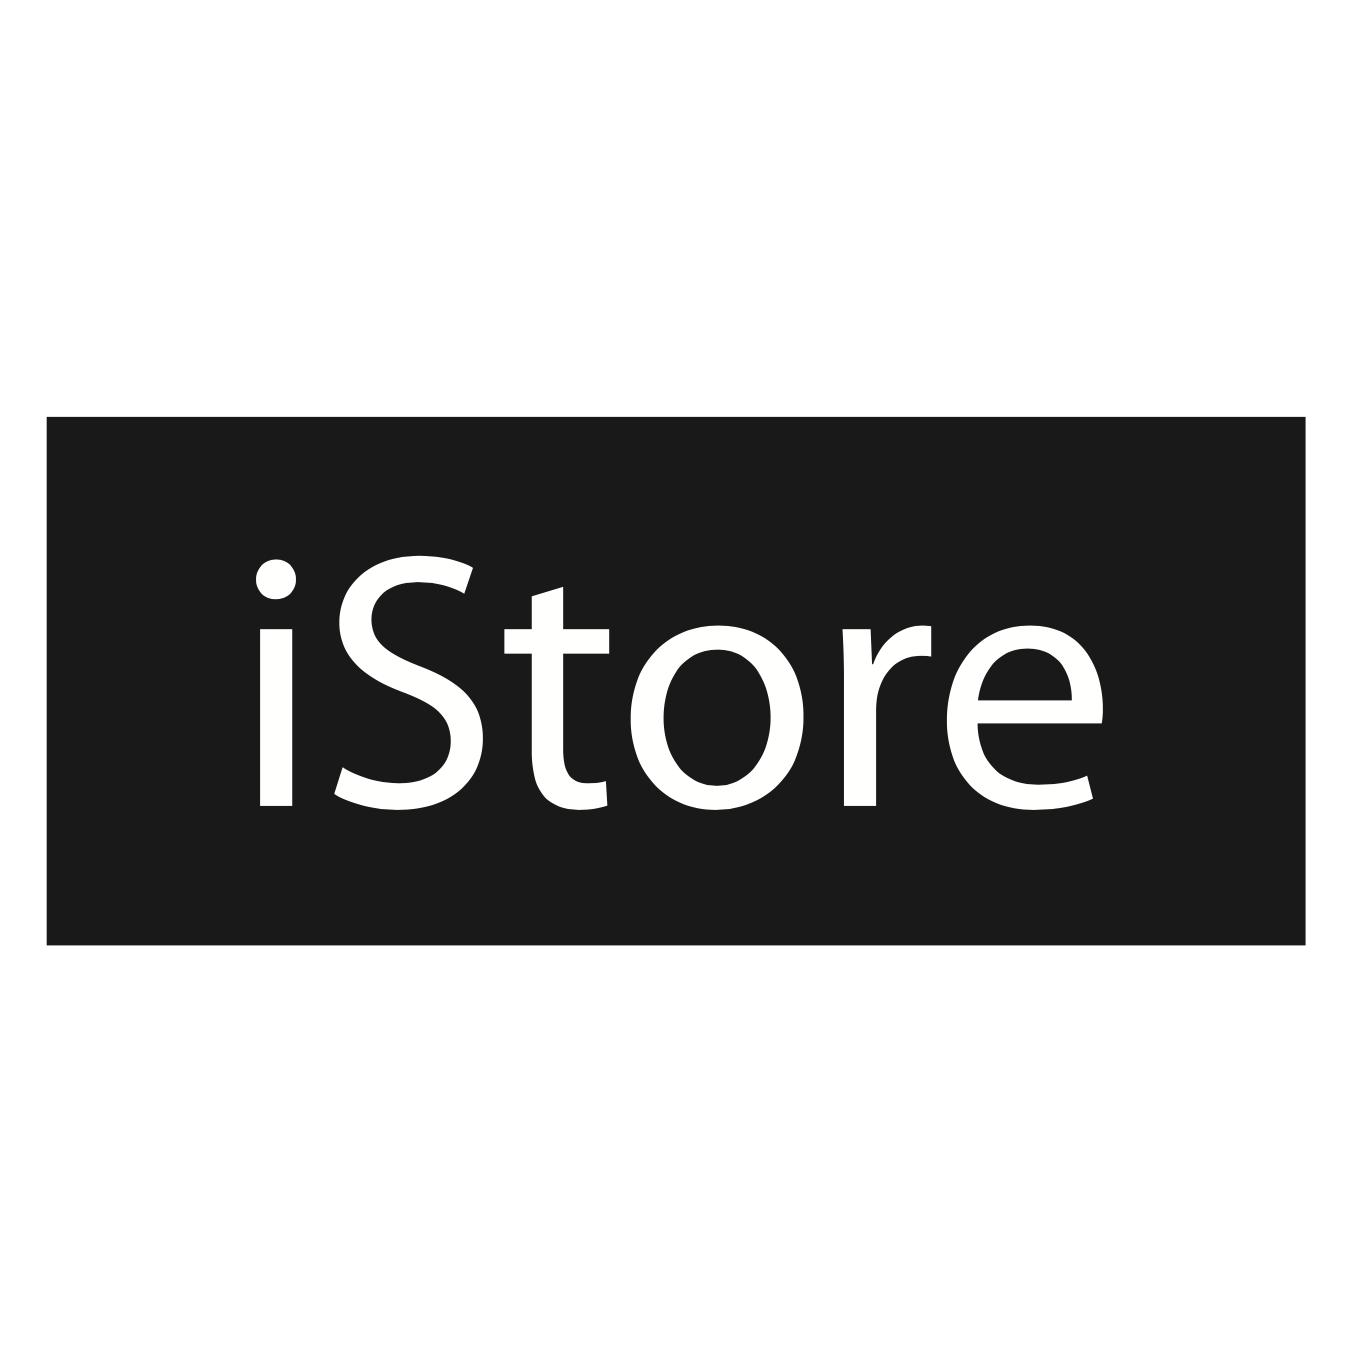 Case Mate Venture Folio for iPad 10.5-inch - Black